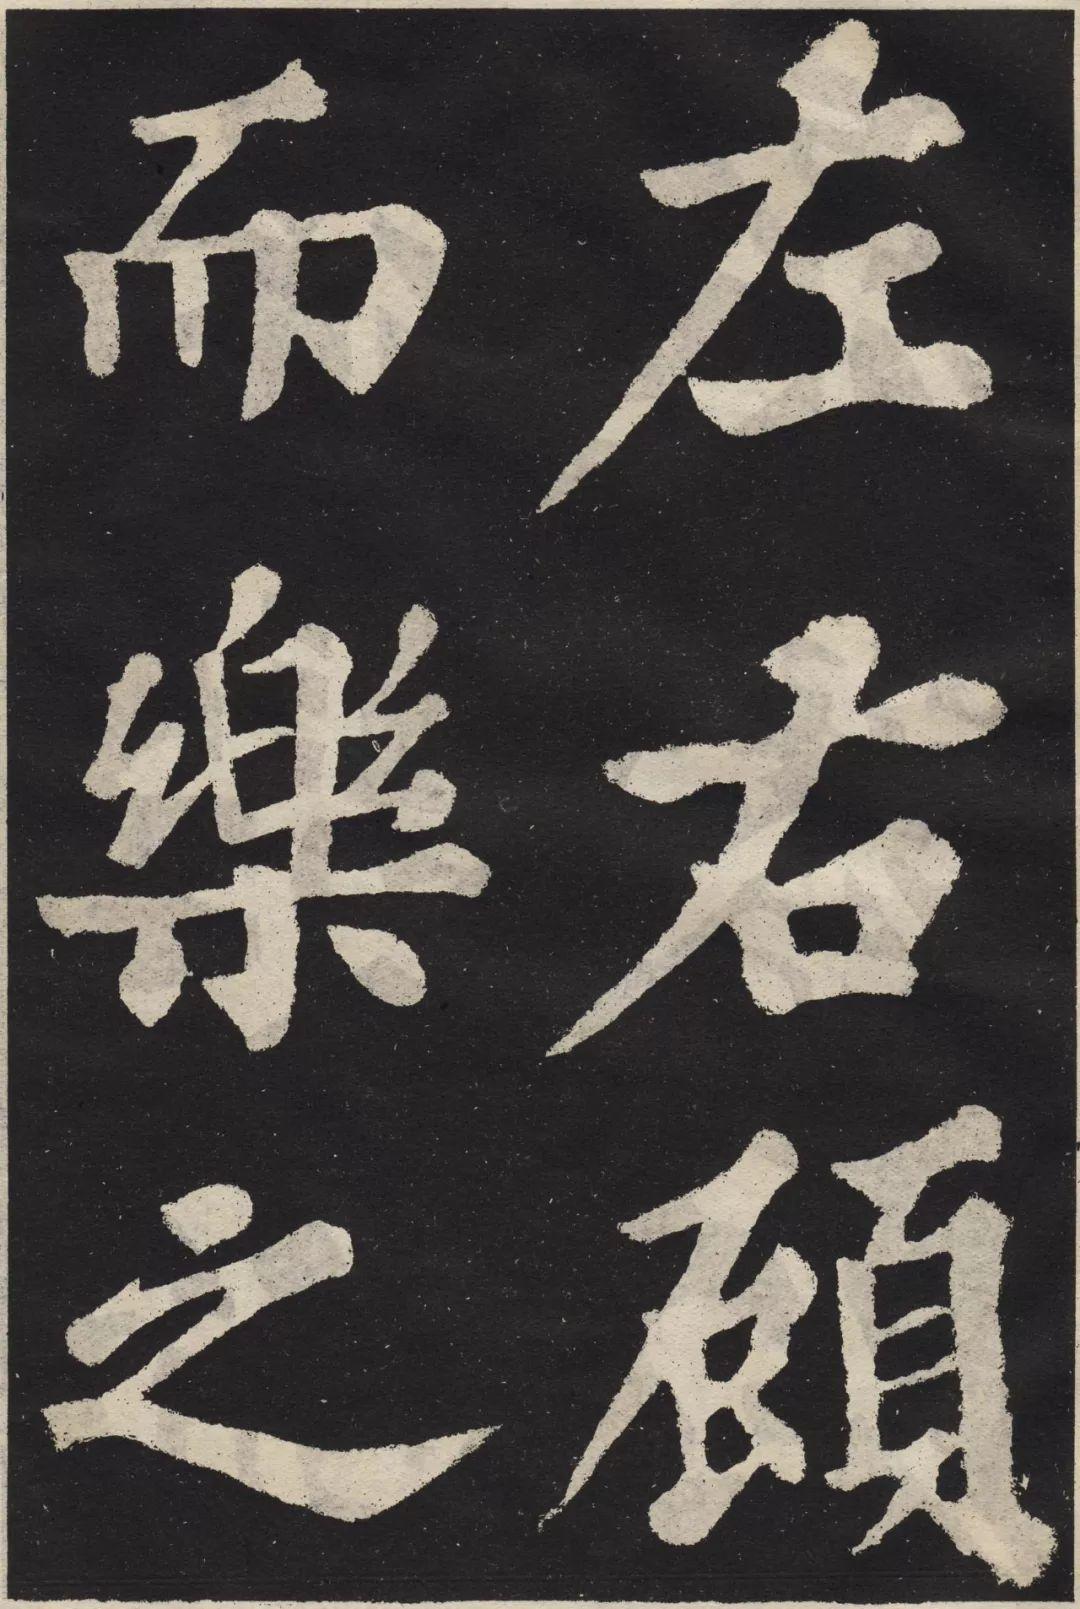 书法欣赏苏轼楷书《丰乐亭记》